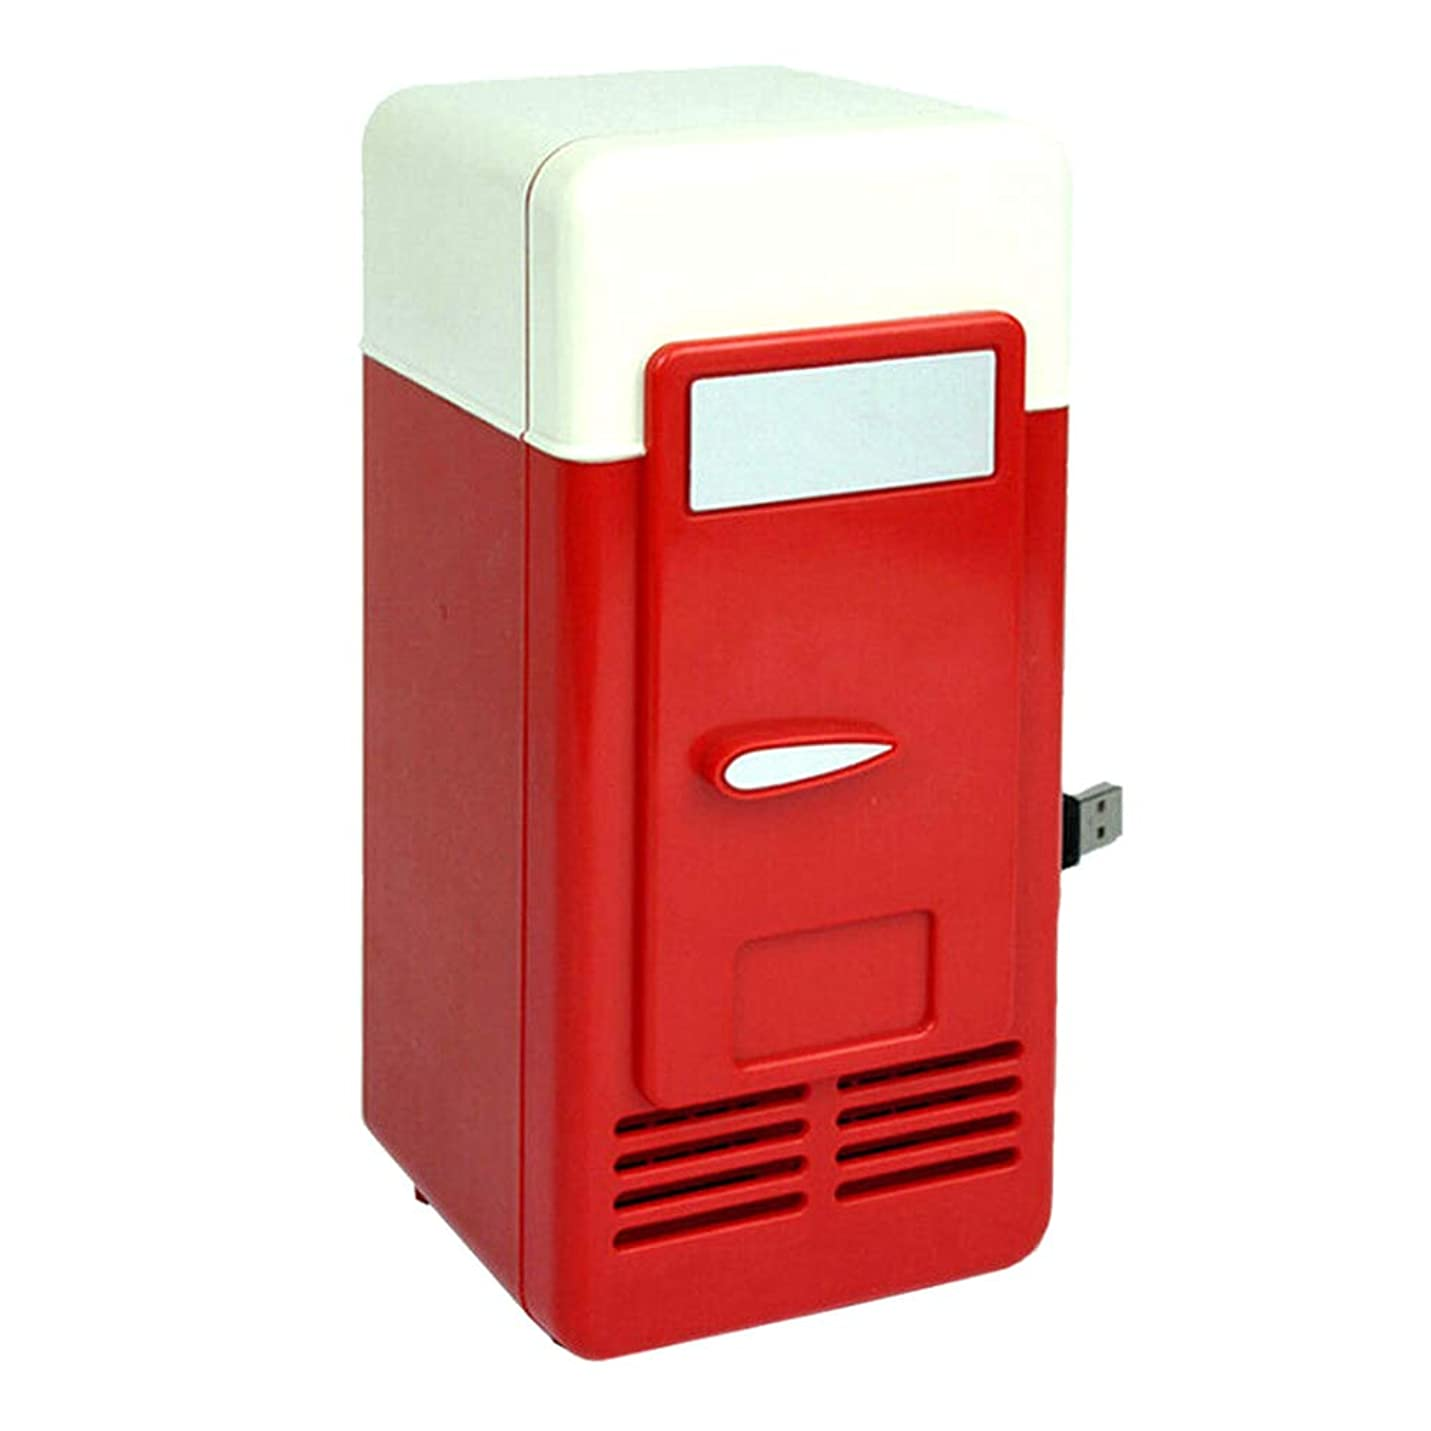 災難ボックスエイリアンRETYLY USBミニ冷蔵庫コールドドロップドッピング冷凍庫USBミニ冷蔵庫小型ポータブルソーダミニ冷蔵庫 カー用レッド